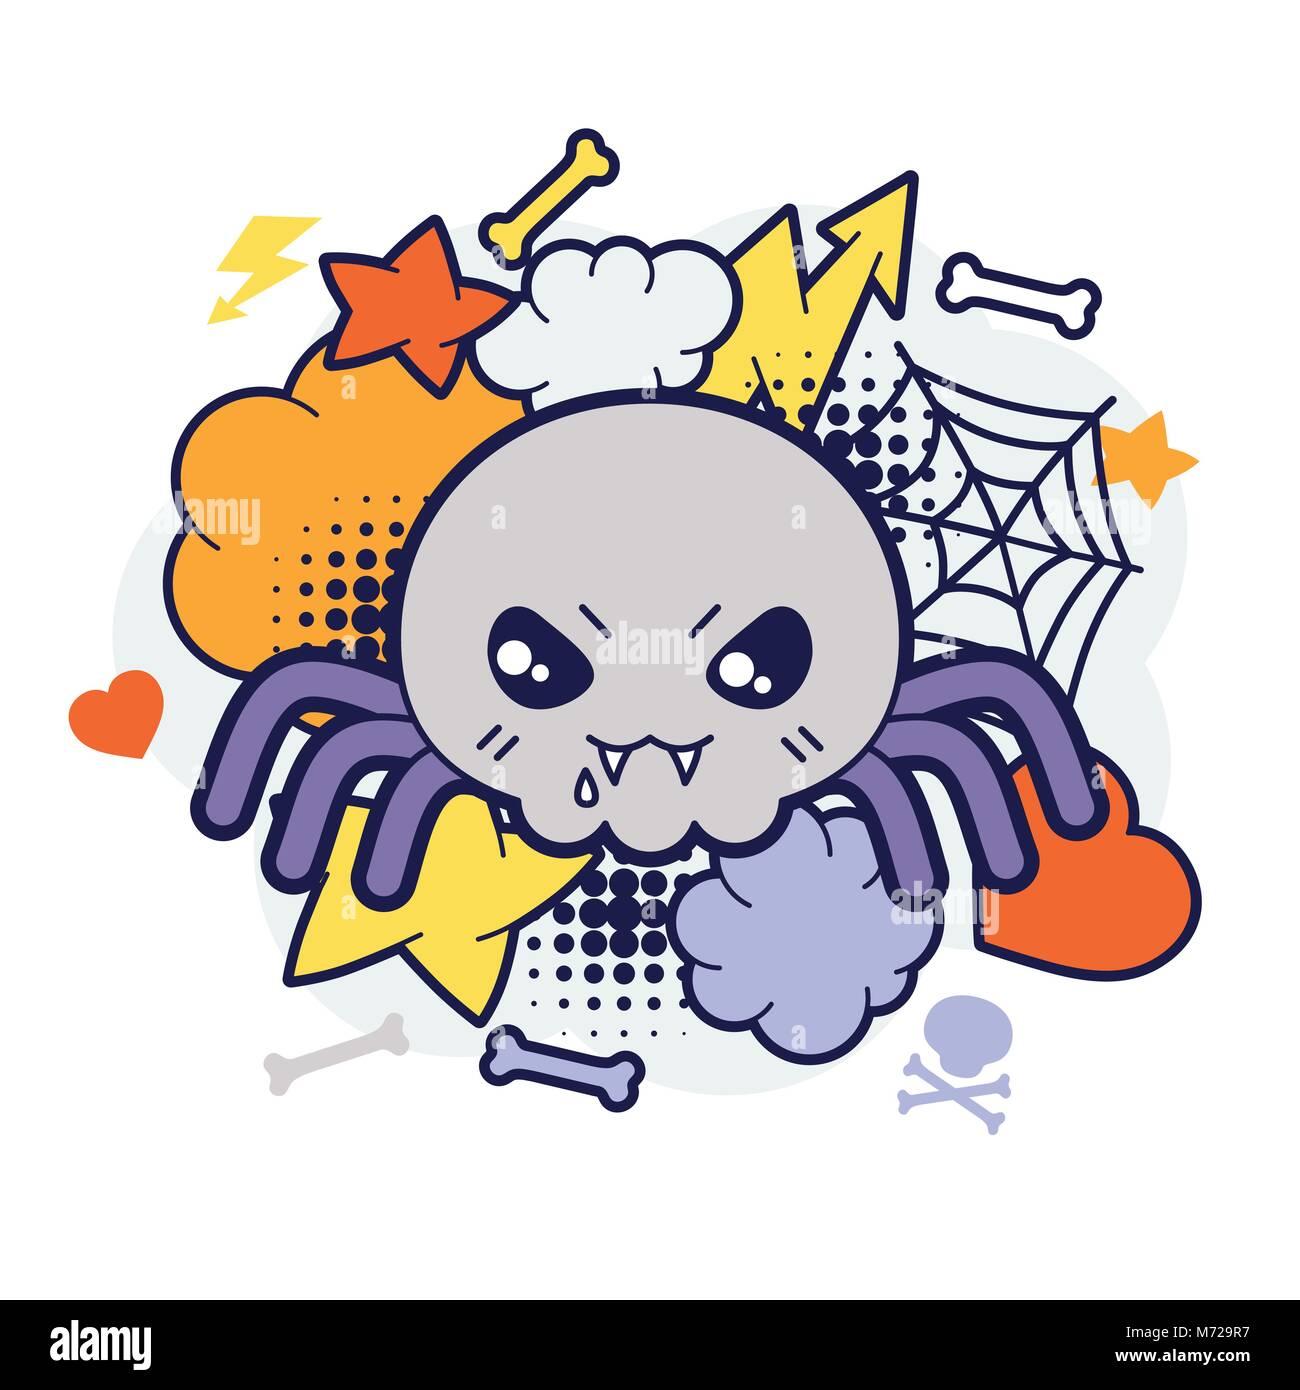 Kawaii Halloween Imprimer Ou Carte Avec Mignon Spider Doodle